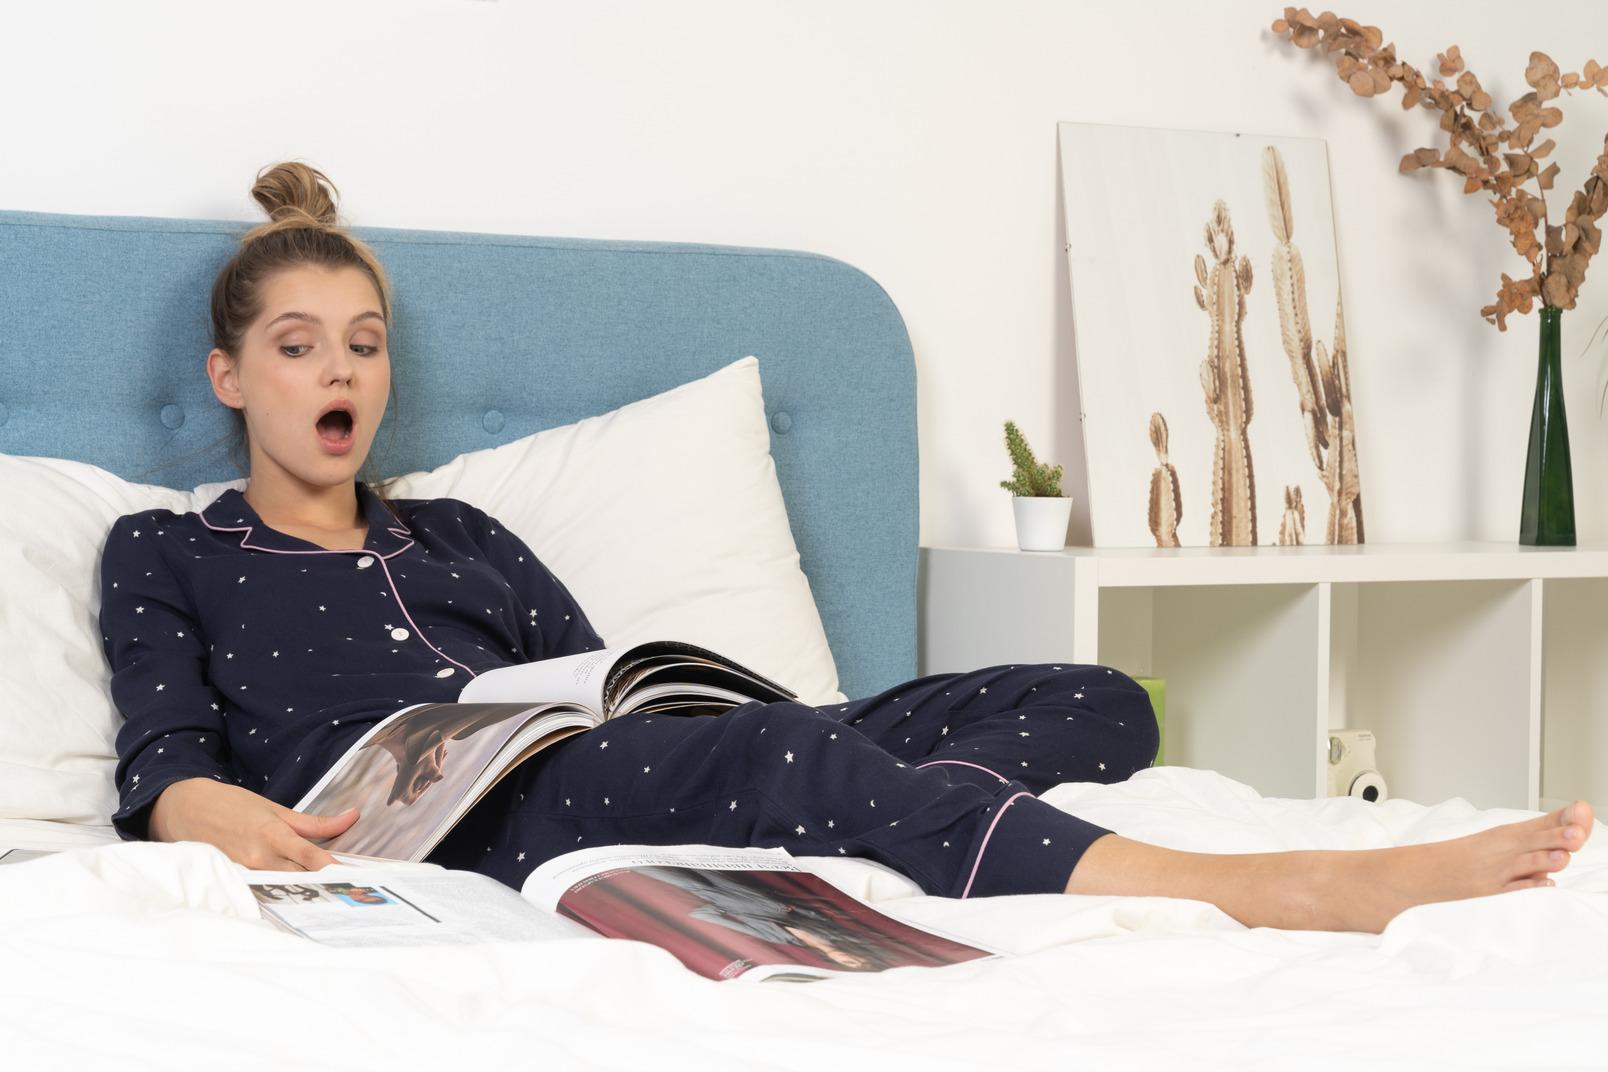 Longitud total de una mujer joven sorprendida en pijama acostado en la cama mientras lee una revista de moda